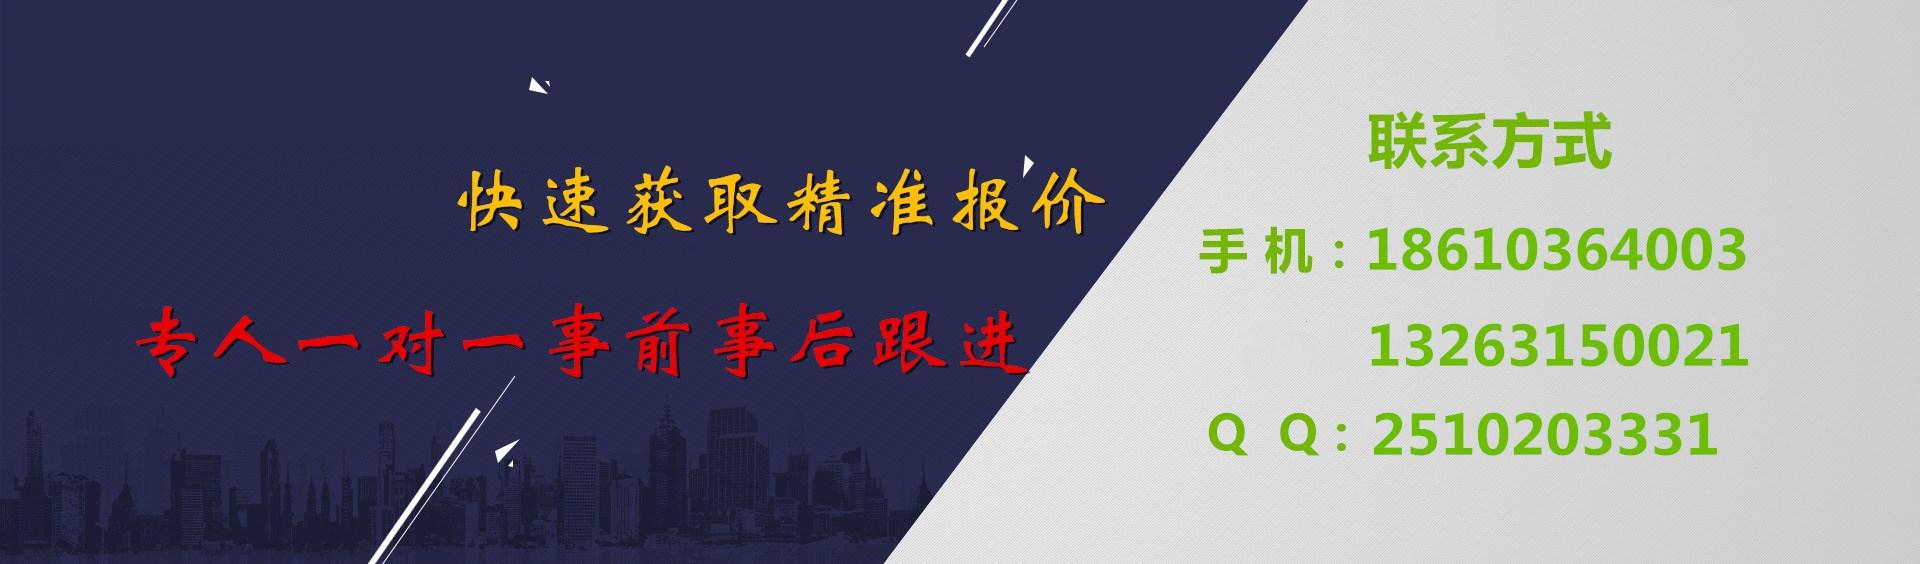 北京資質代辦機構